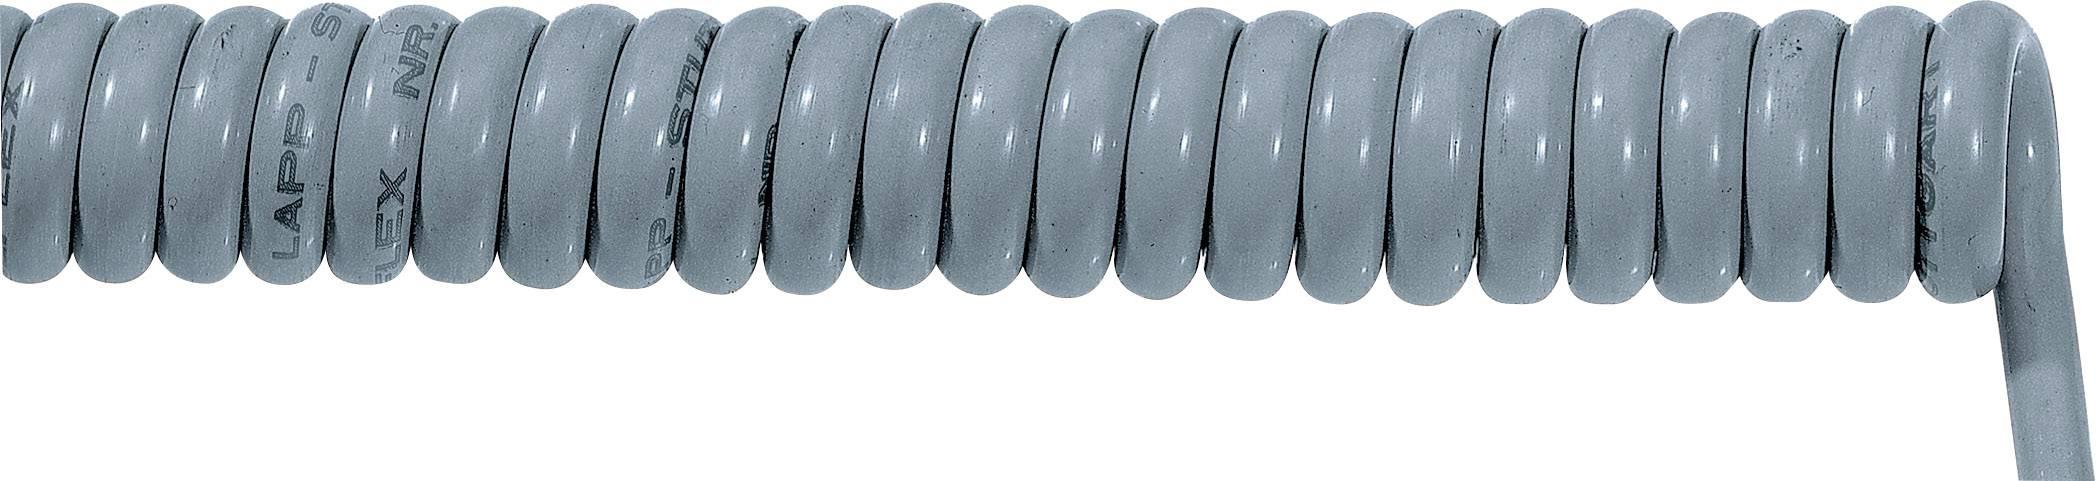 Špirálový kábel 70002636 ÖLFLEX® SPIRAL 400 P 4 x 0.75 mm², 1500 mm / 4500 mm, sivá